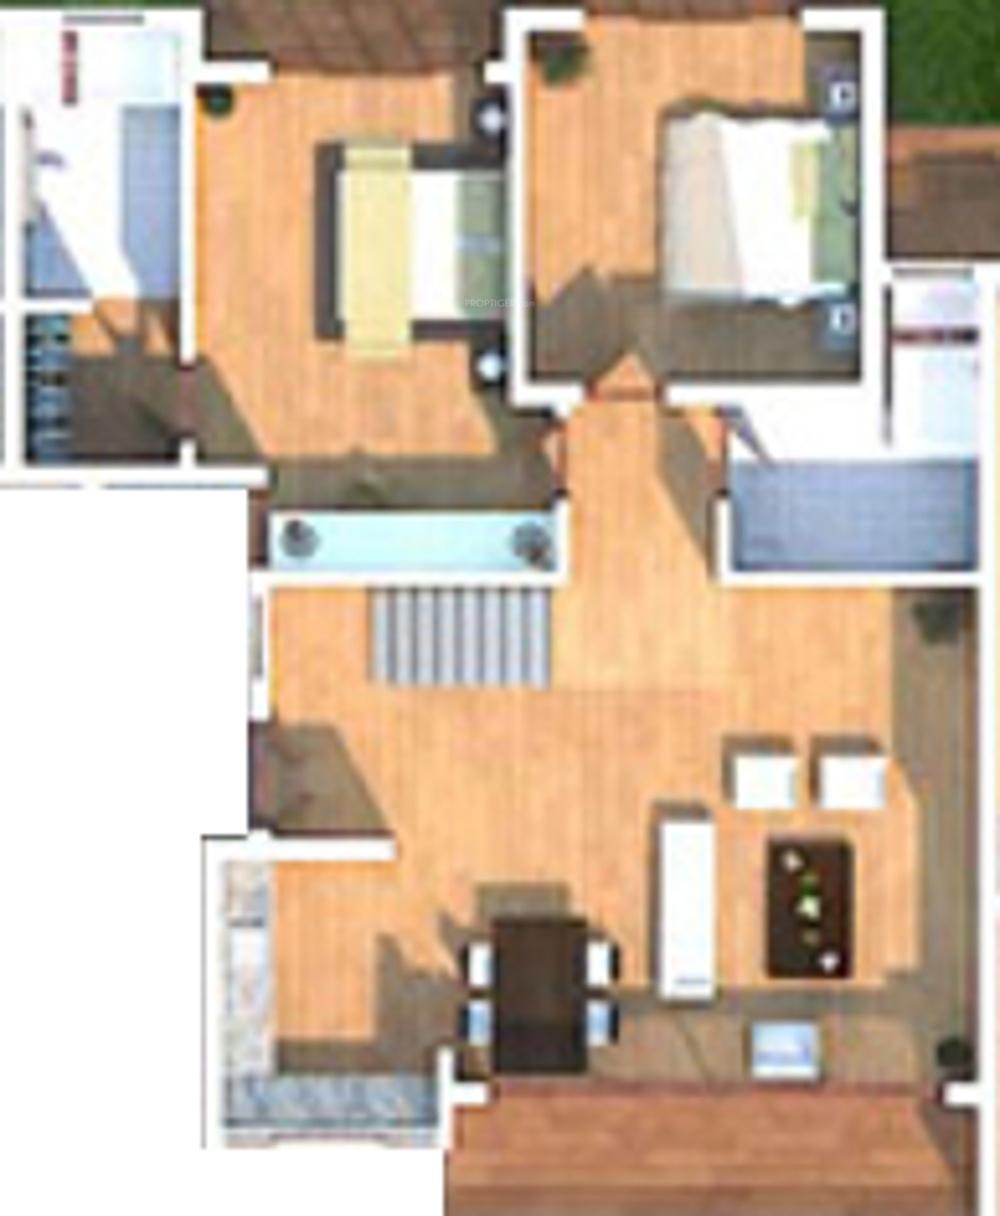 Grandview Pointe Apartments: Vianaar El Reino Apartments In Nerul, Goa